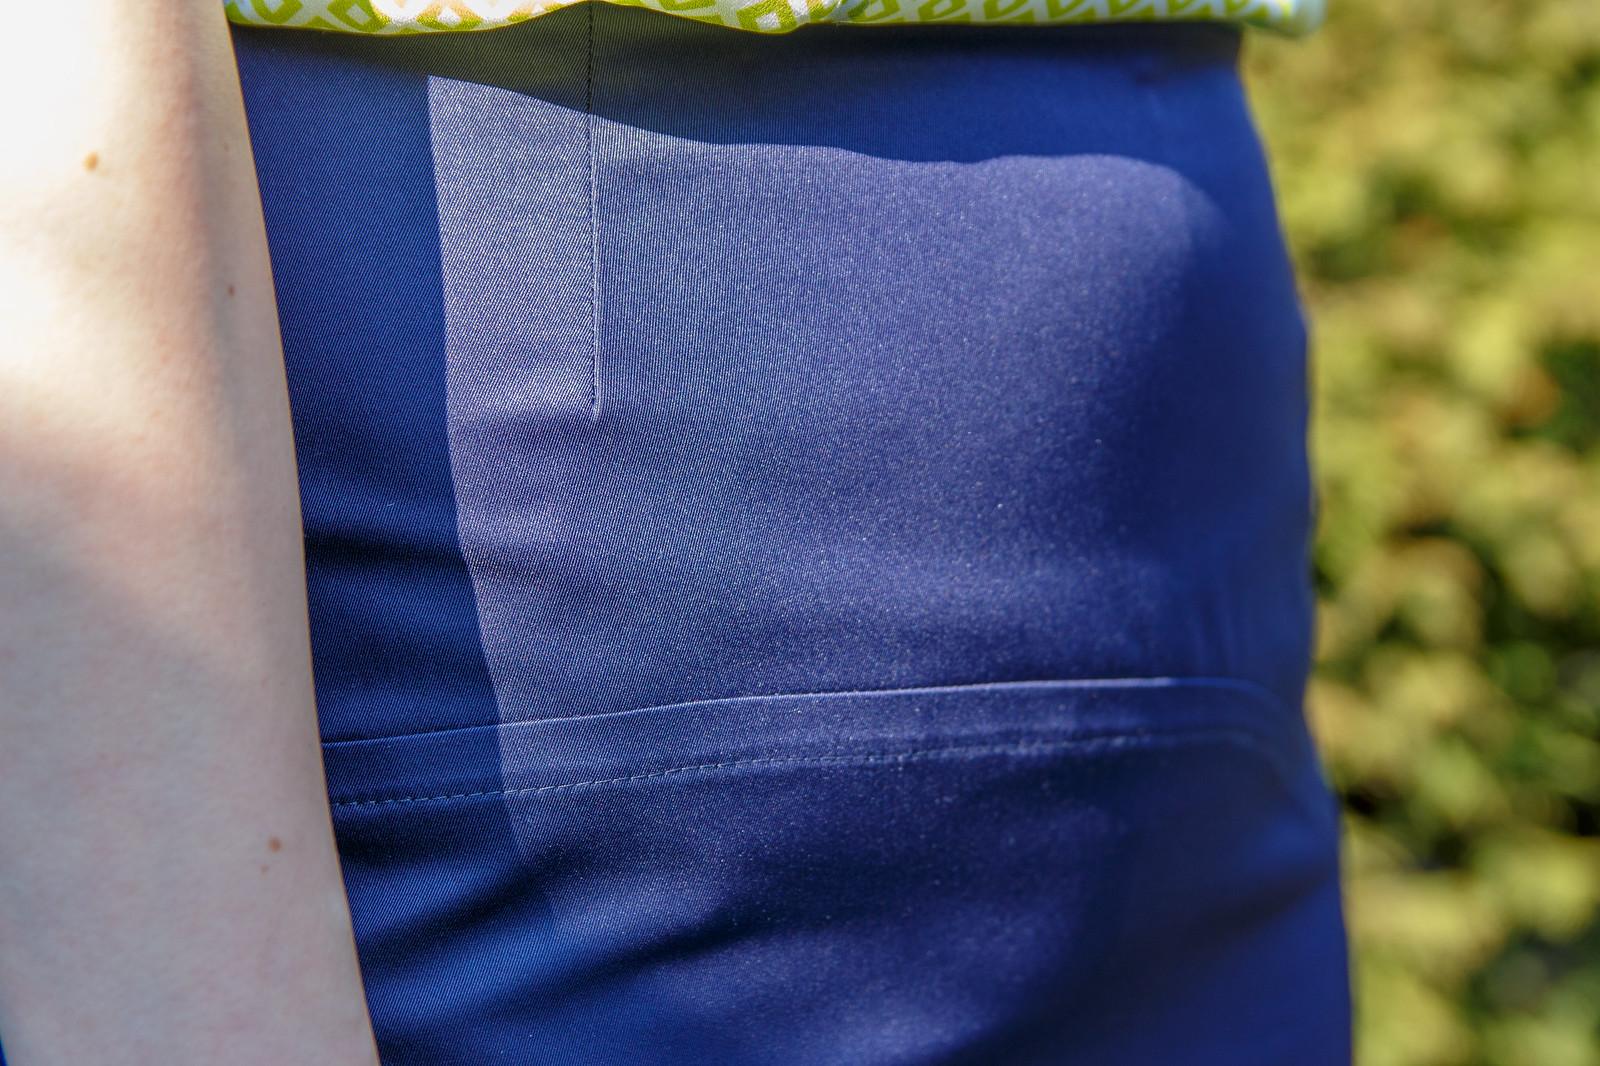 Zbliżenie na karczek, spódnica, 9/2012